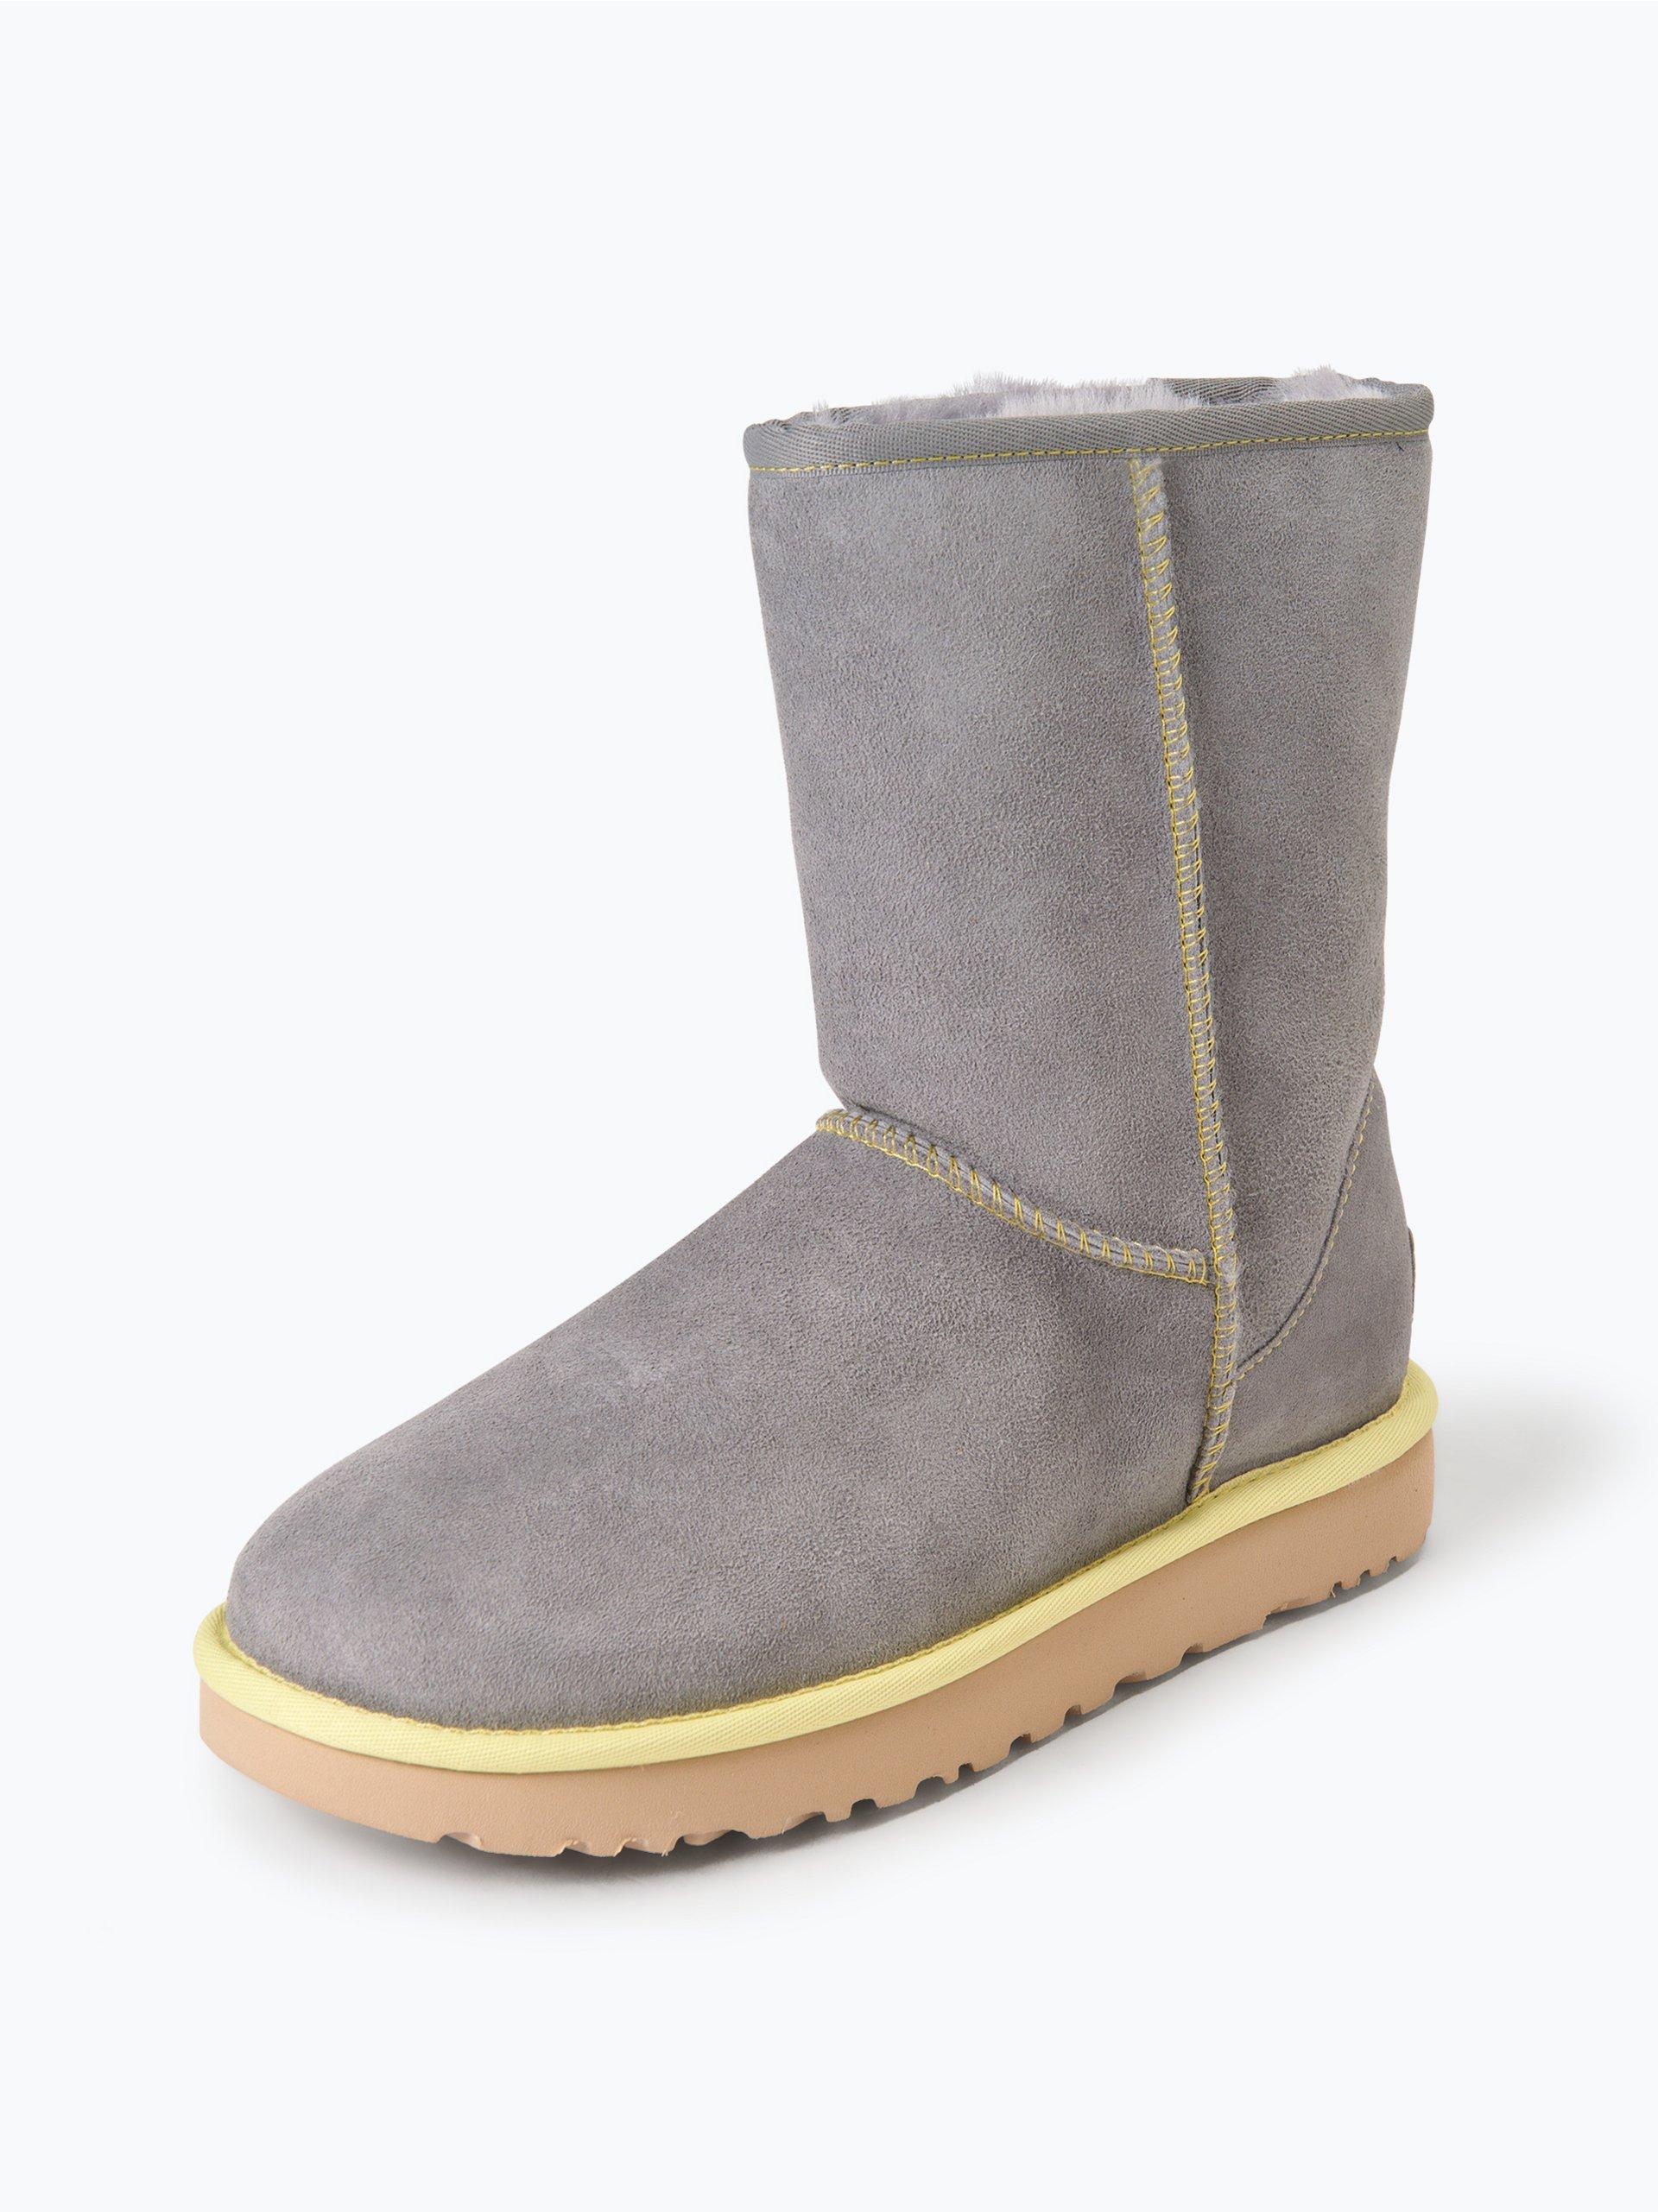 ugg damen boots aus leder mit lammfell futter online kaufen vangraaf com. Black Bedroom Furniture Sets. Home Design Ideas